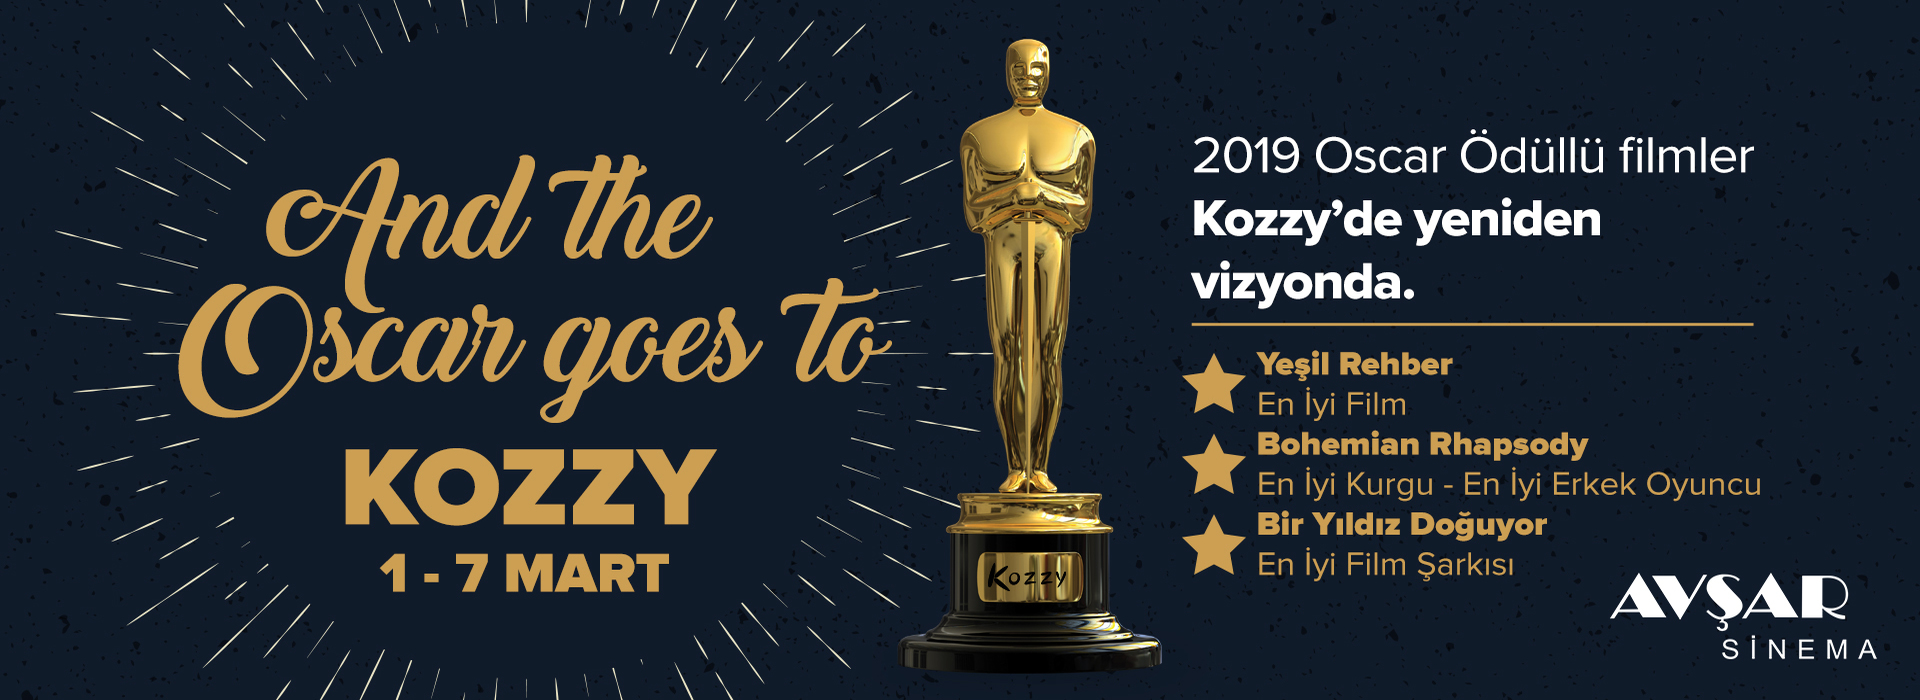 2019 Oscar Ödüllü Filmler Kozzy'de Yeniden Vizyonda.